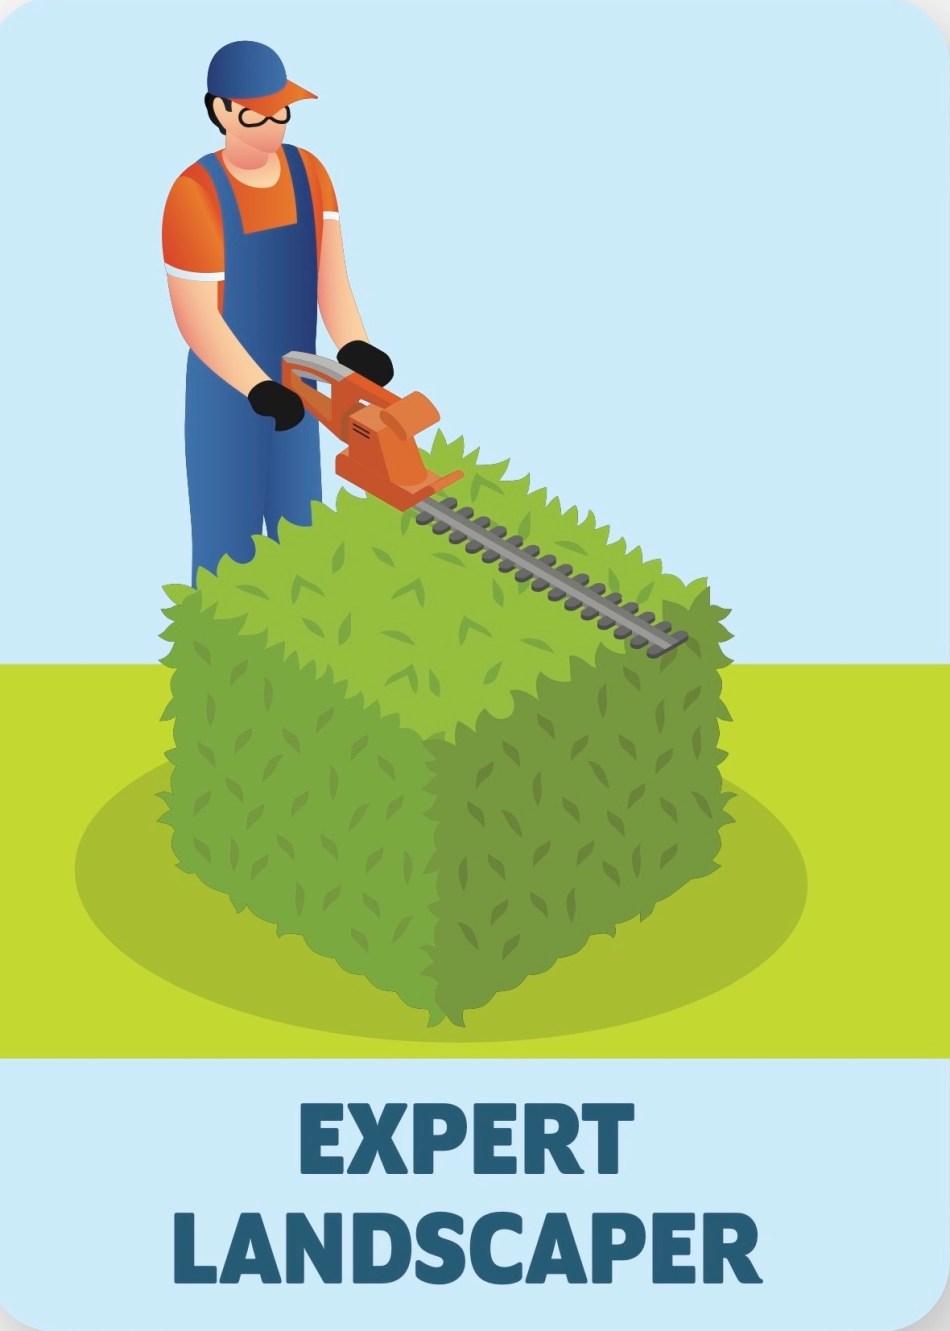 Illustration of expert landscaper